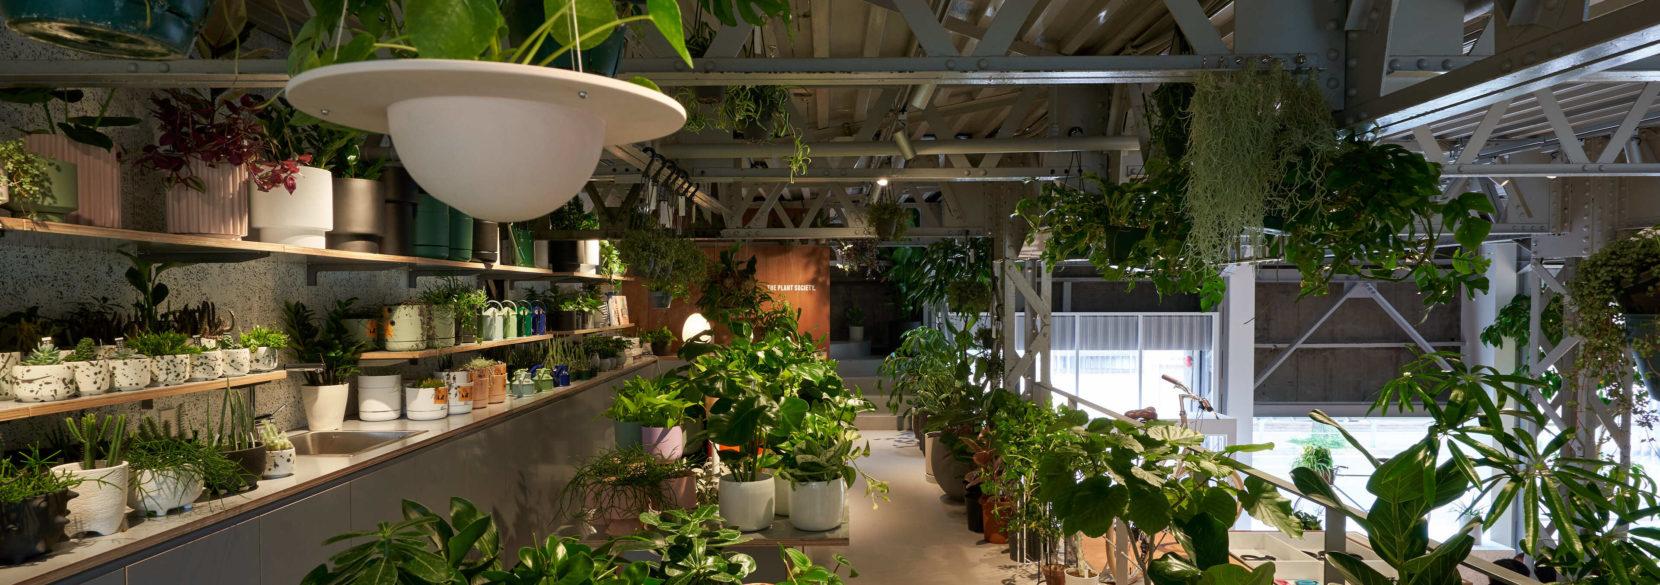 TOKYOBIKE TOKYOB PLANTS SOCIETY